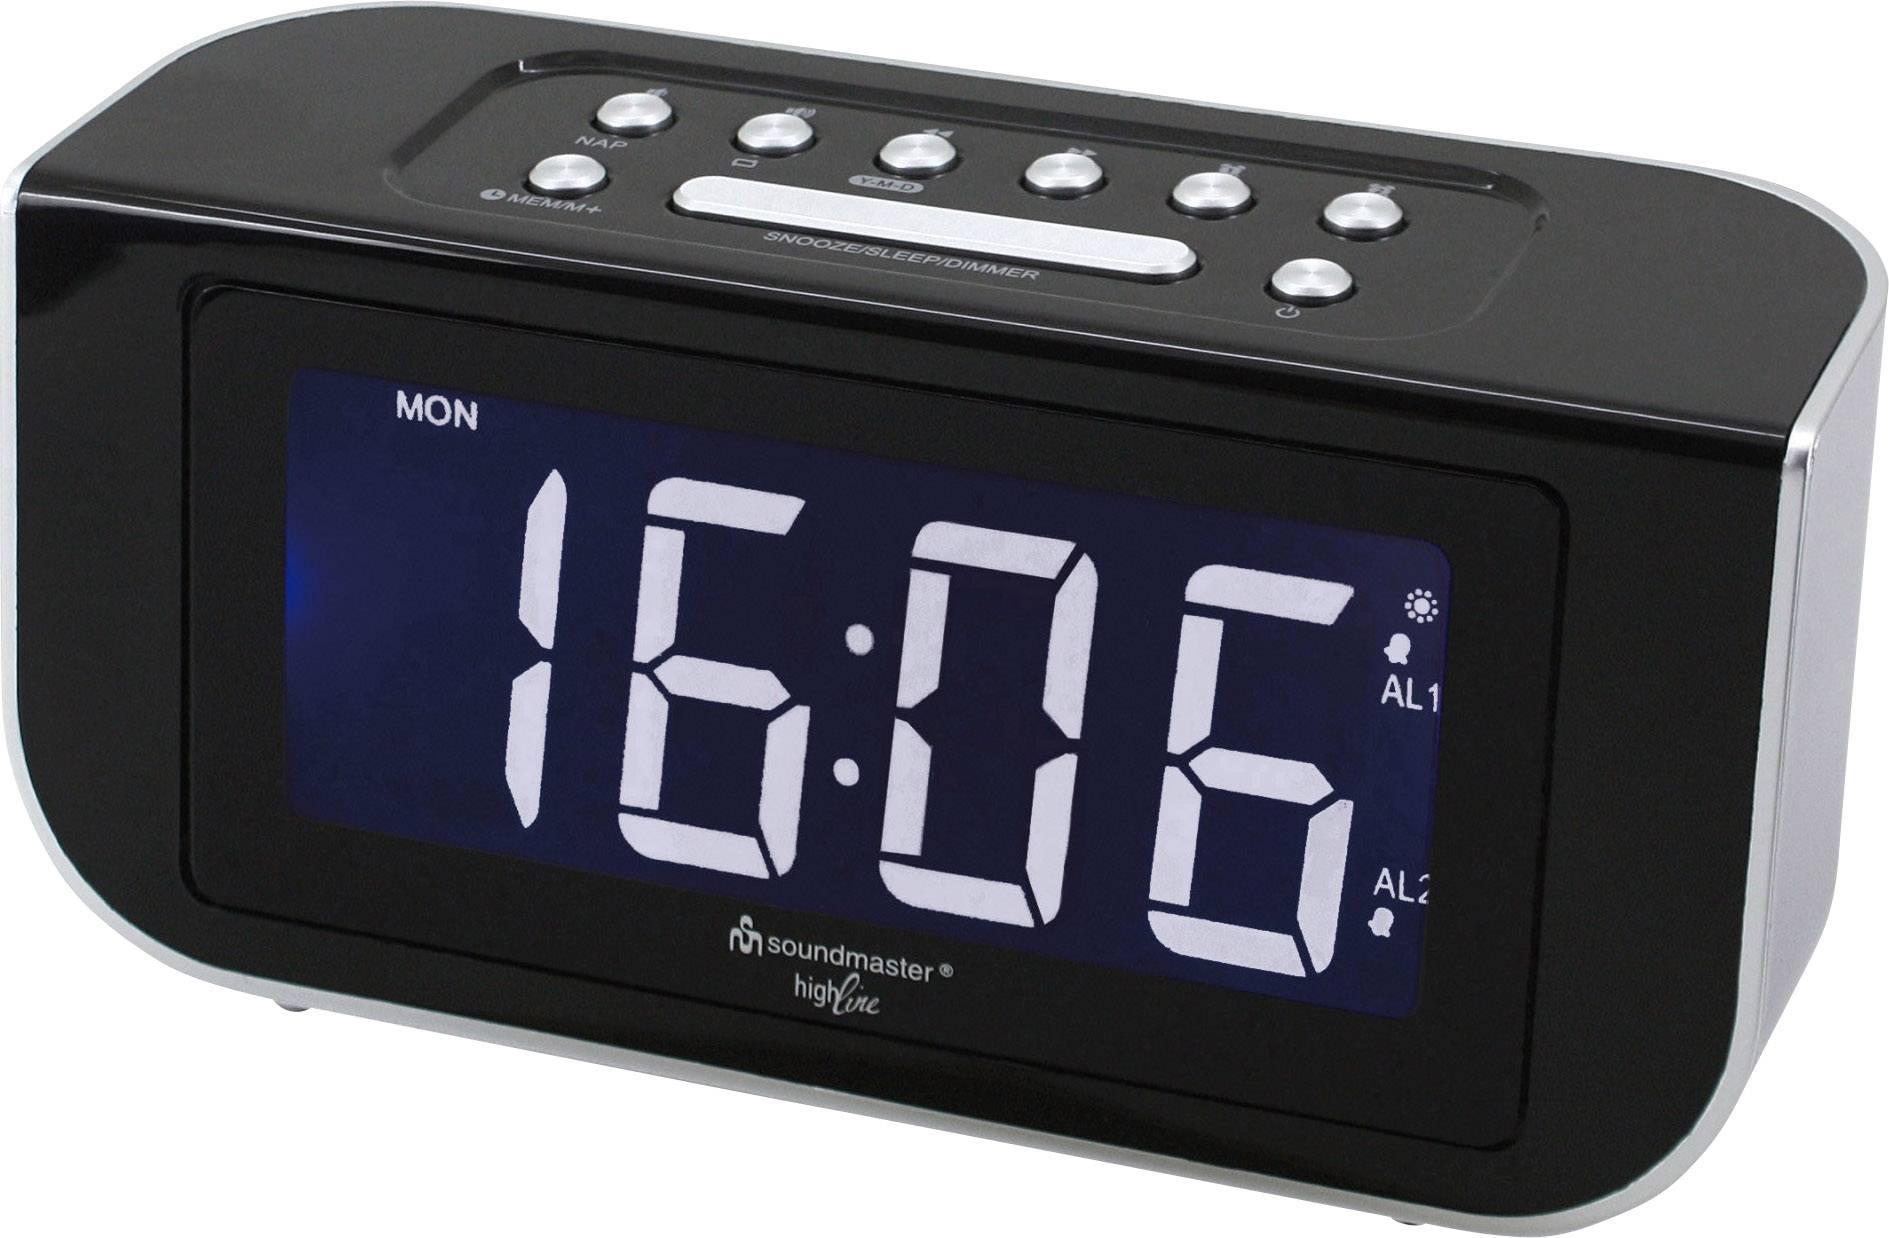 FM radiobudík SoundMaster FUR4005, FM, černá